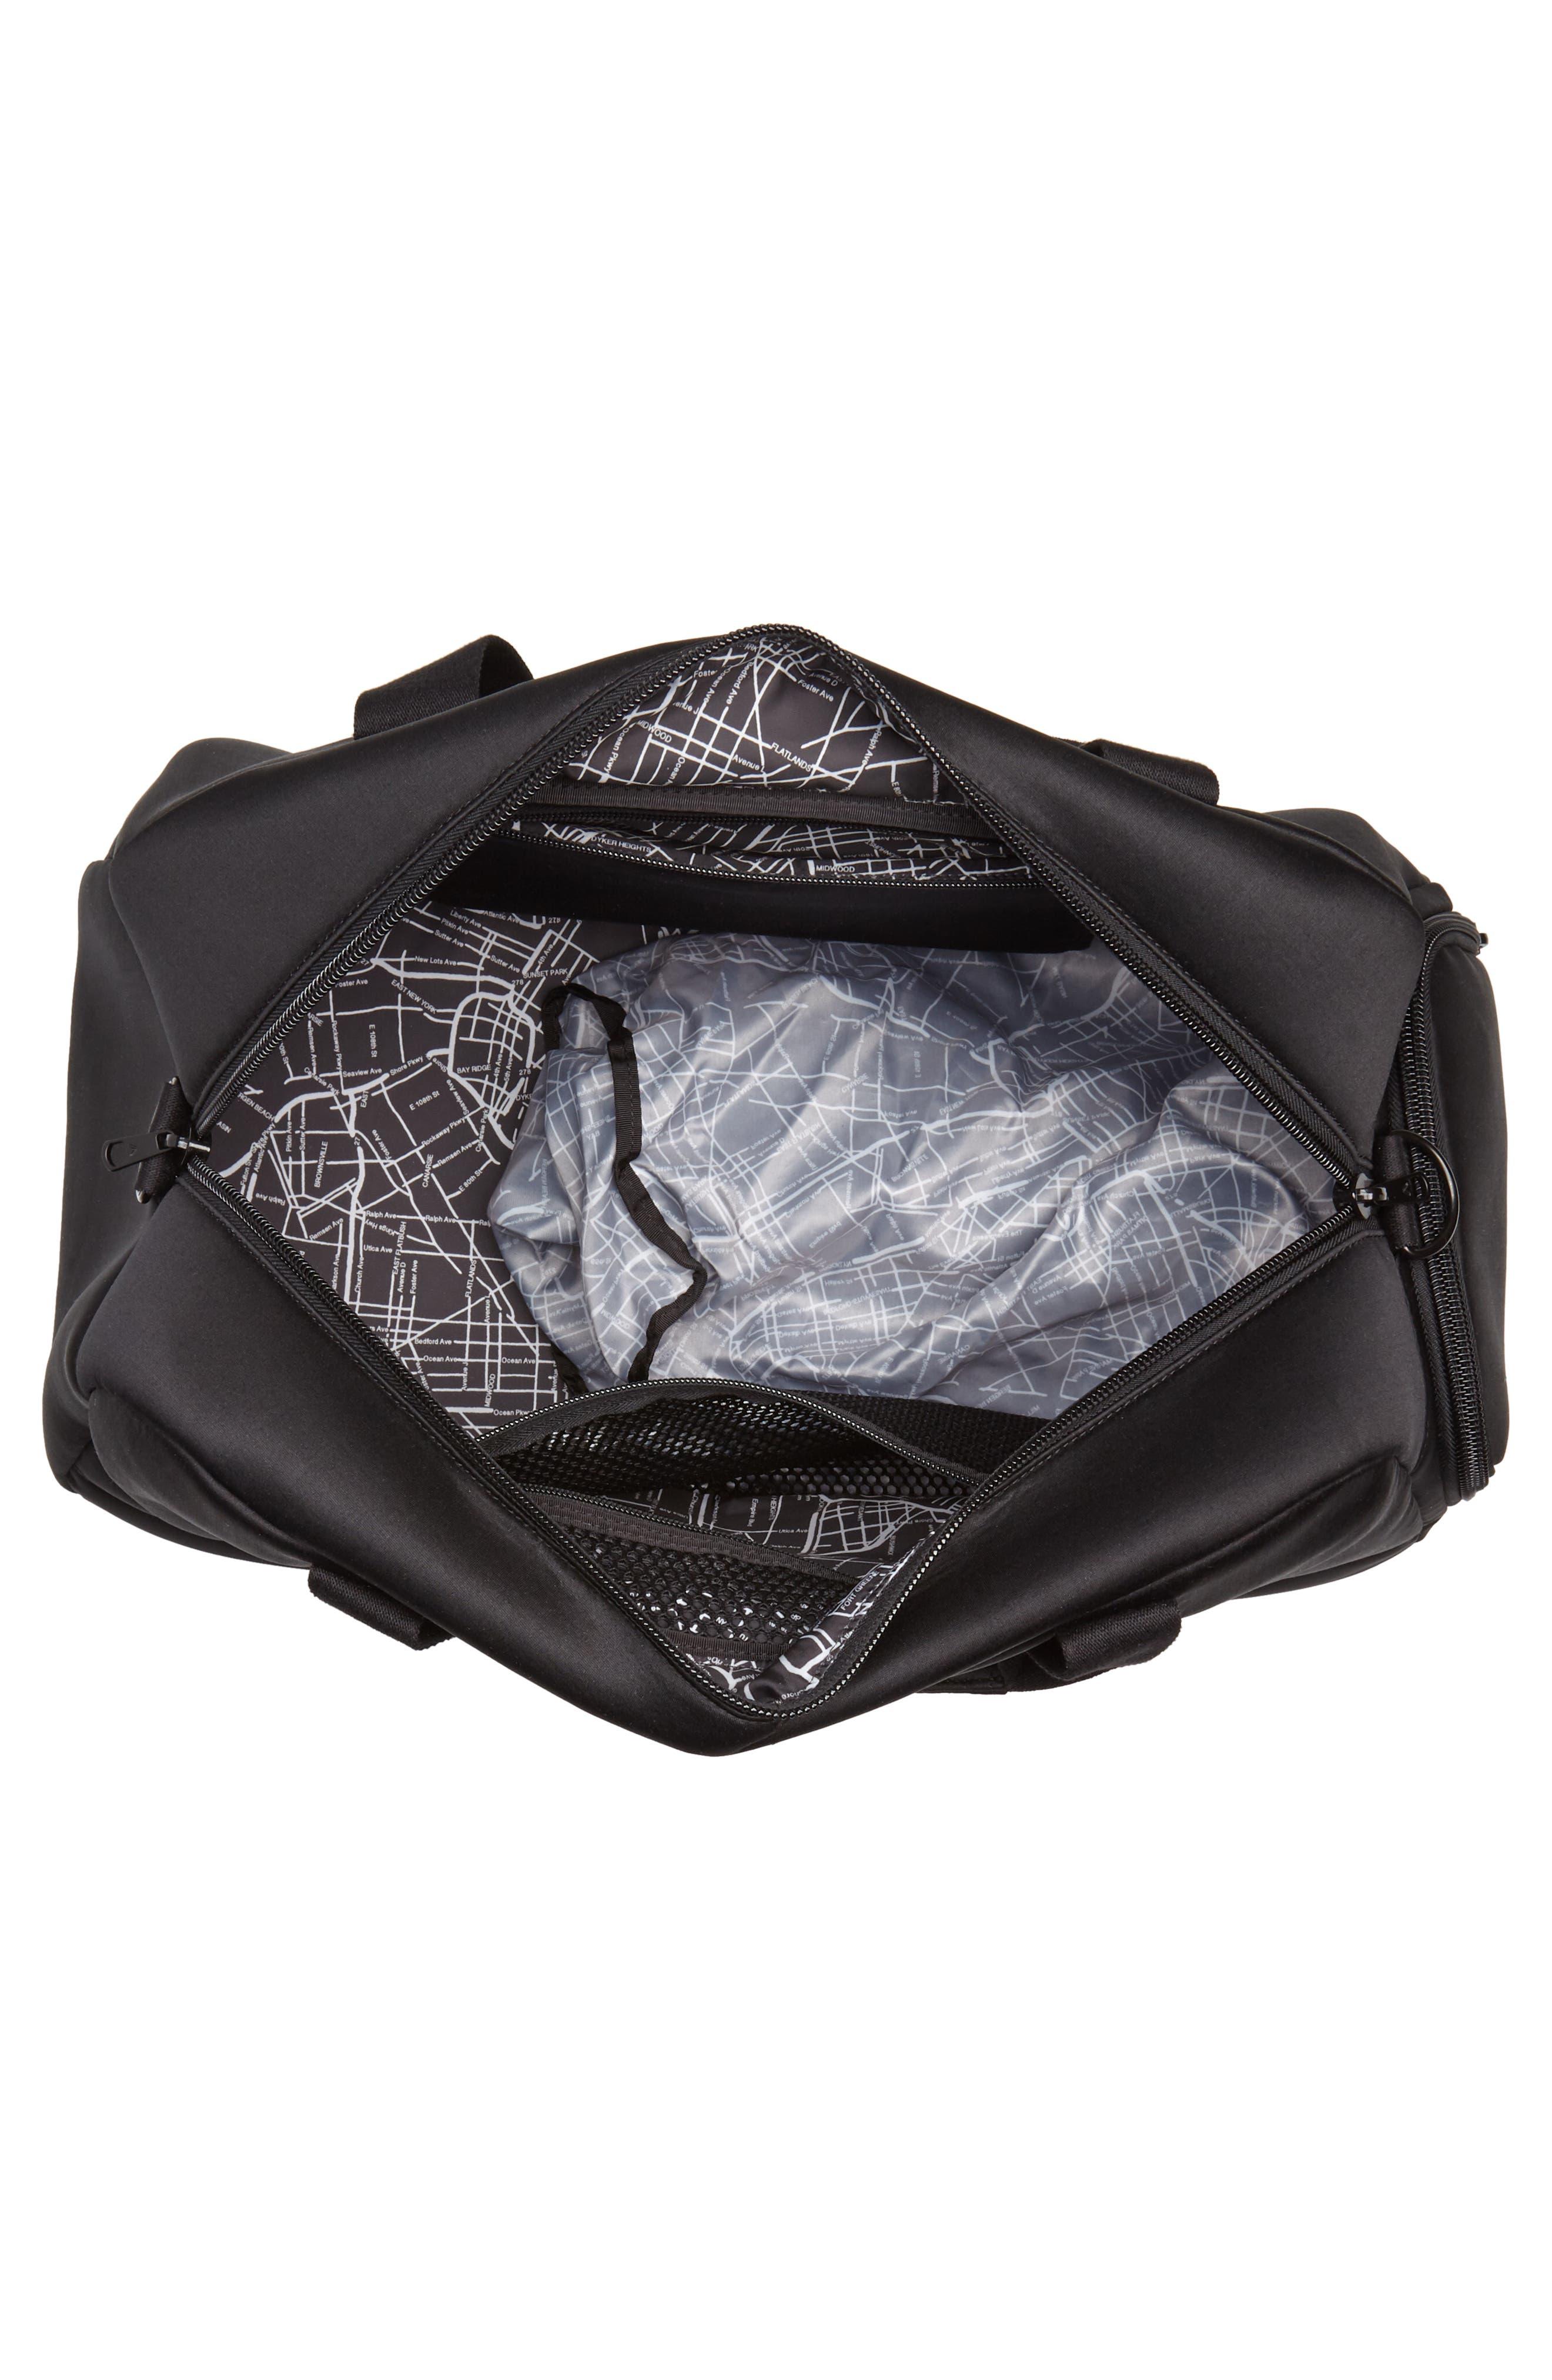 Franklin Neoprene Duffel Bag,                             Alternate thumbnail 3, color,                             Black